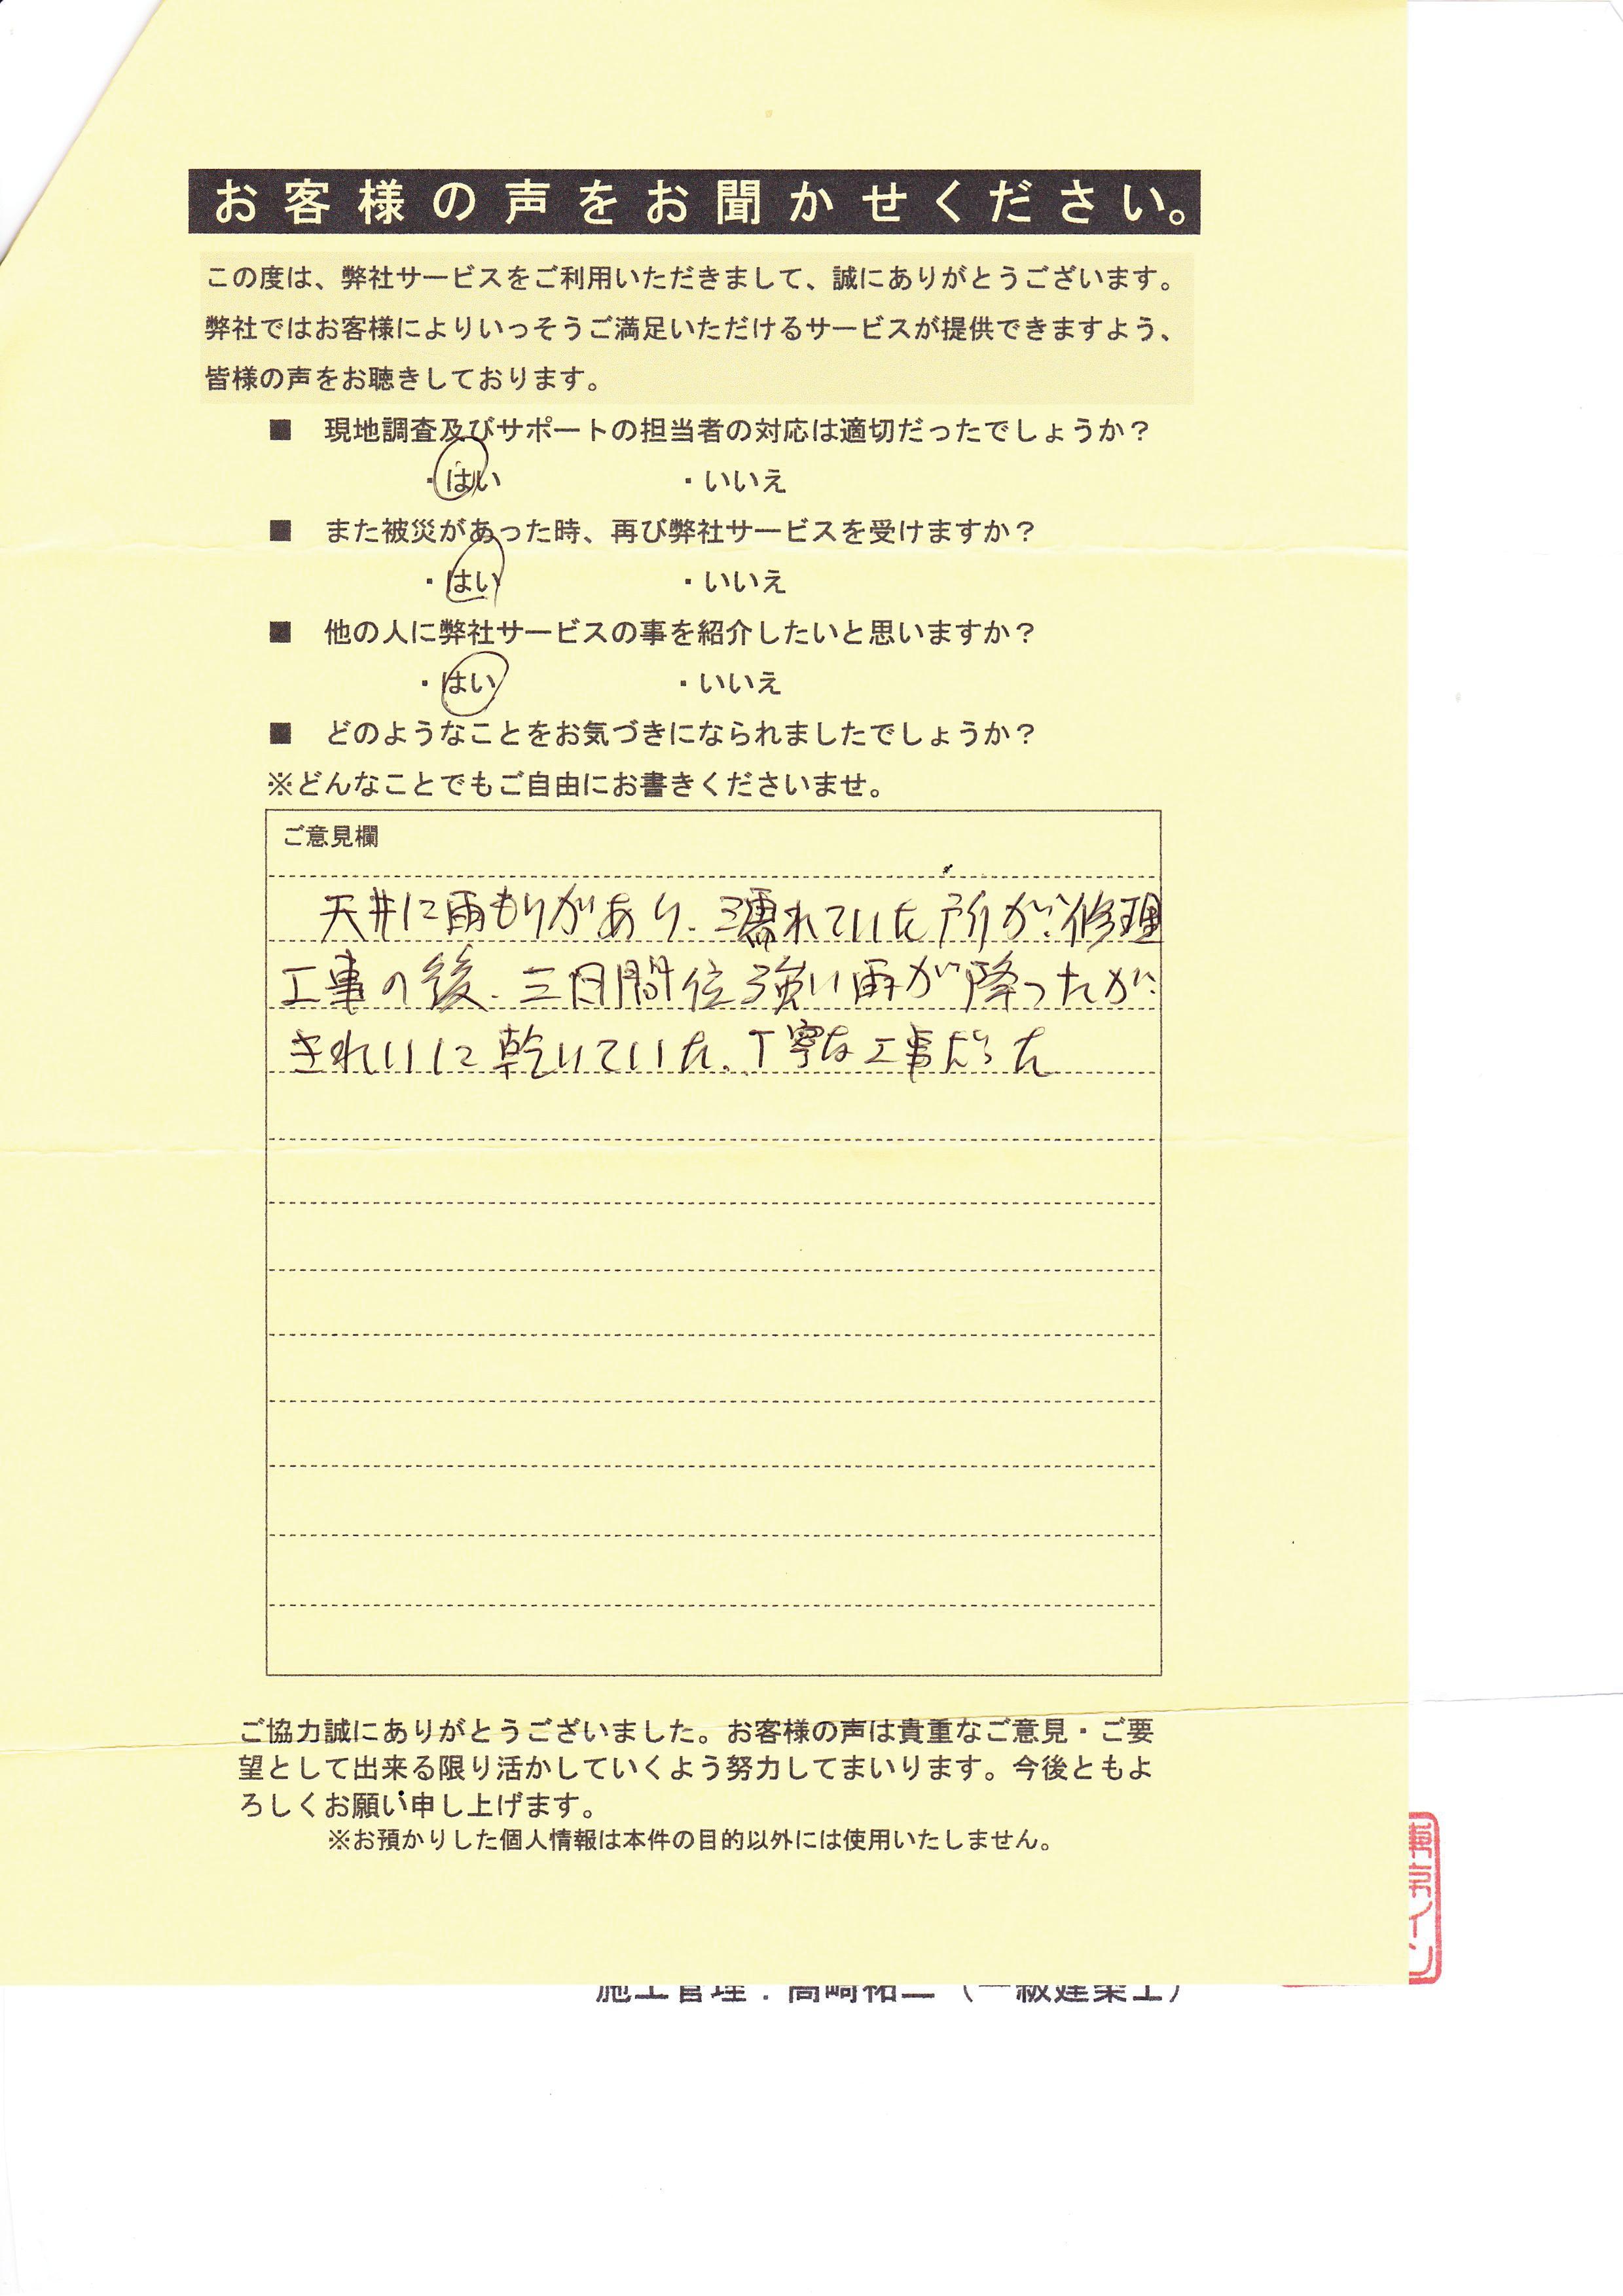 下田平様 完工報告書